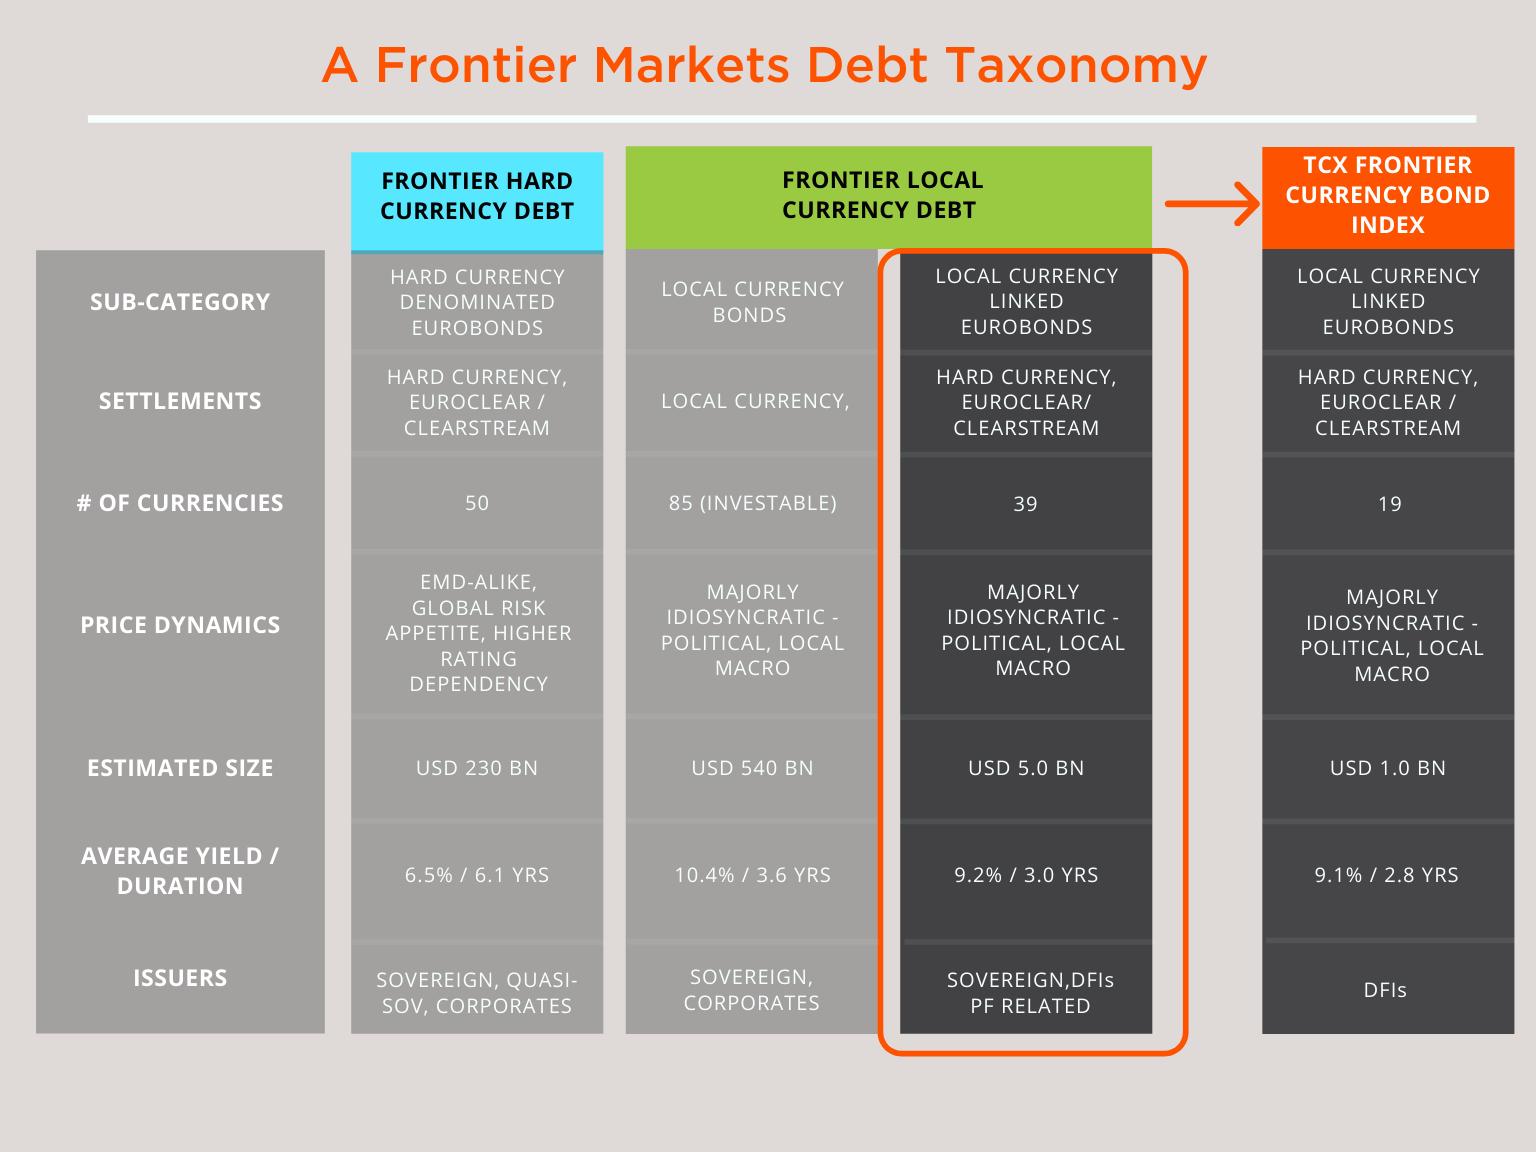 Taxonomy of Frontier Debt